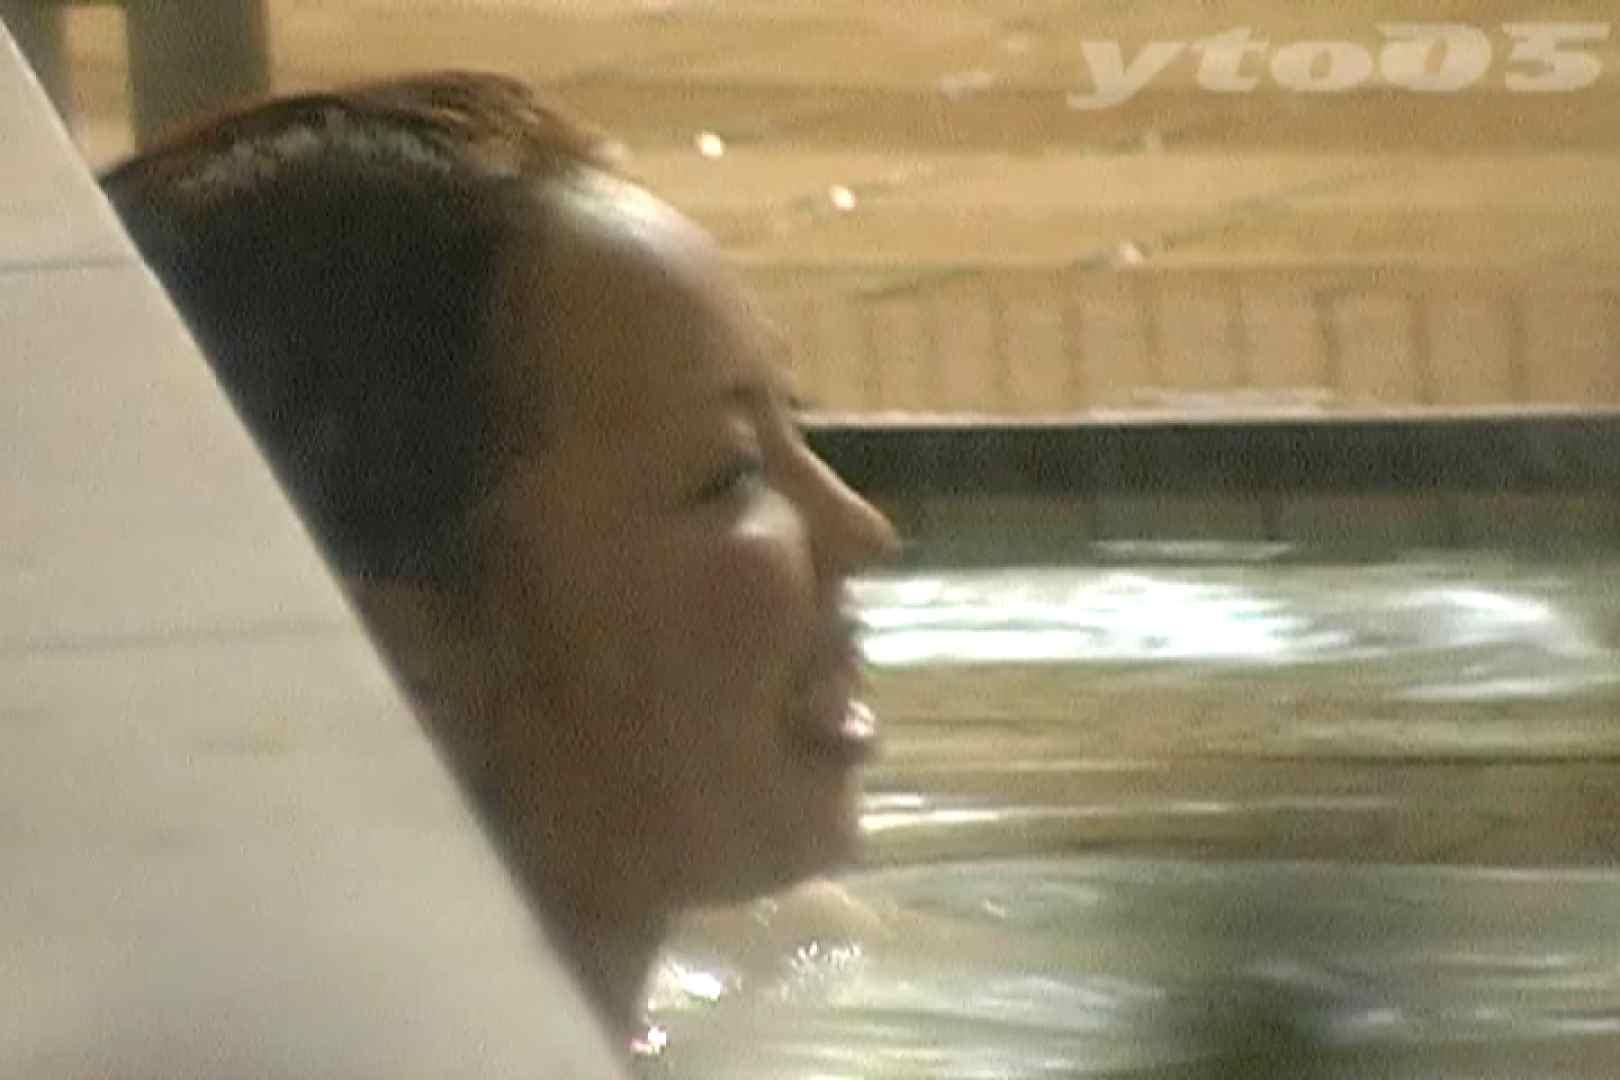 ▲復活限定▲合宿ホテル女風呂盗撮 Vol.30 期間限定シリーズ ワレメ無修正動画無料 77画像 29